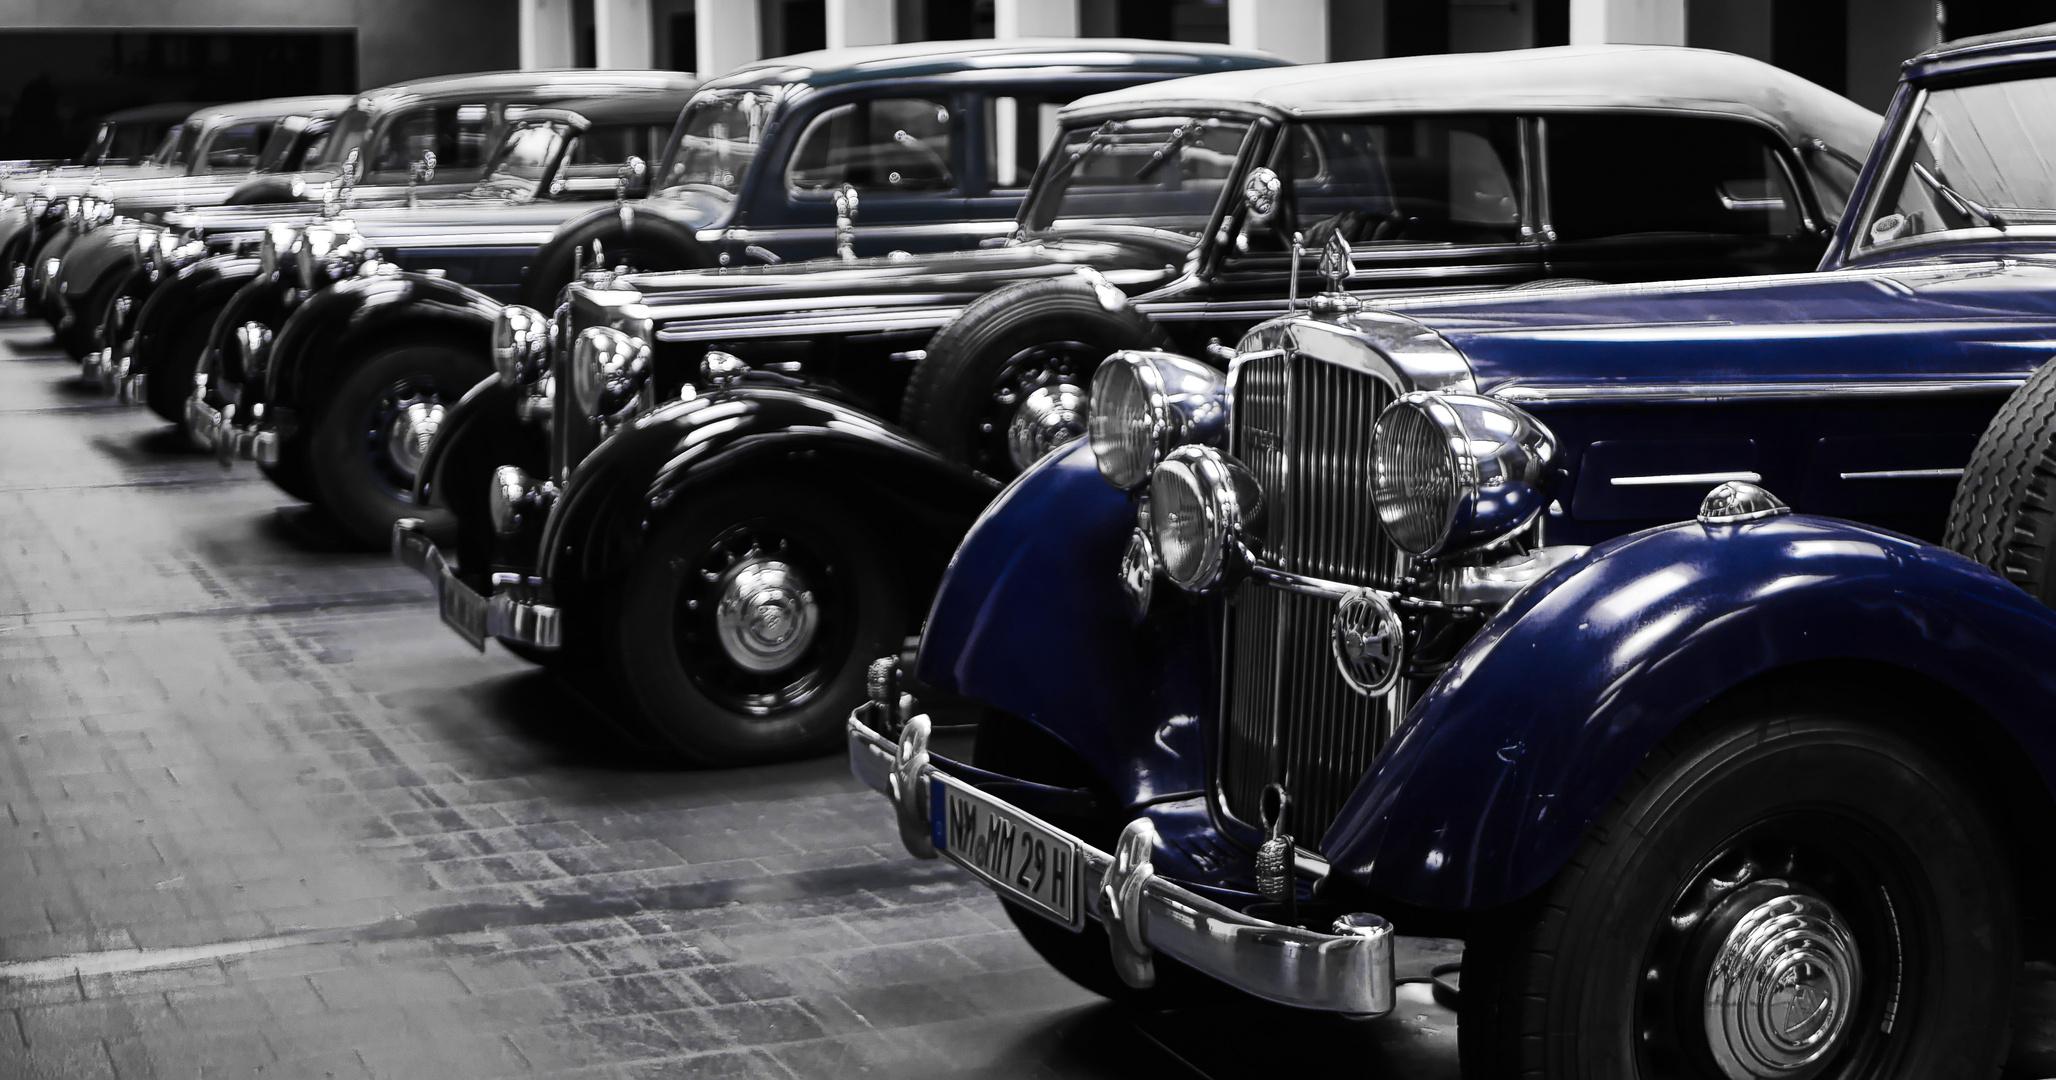 ich hatte nur noch blaue farbe!!! maybach foto & bild   autos